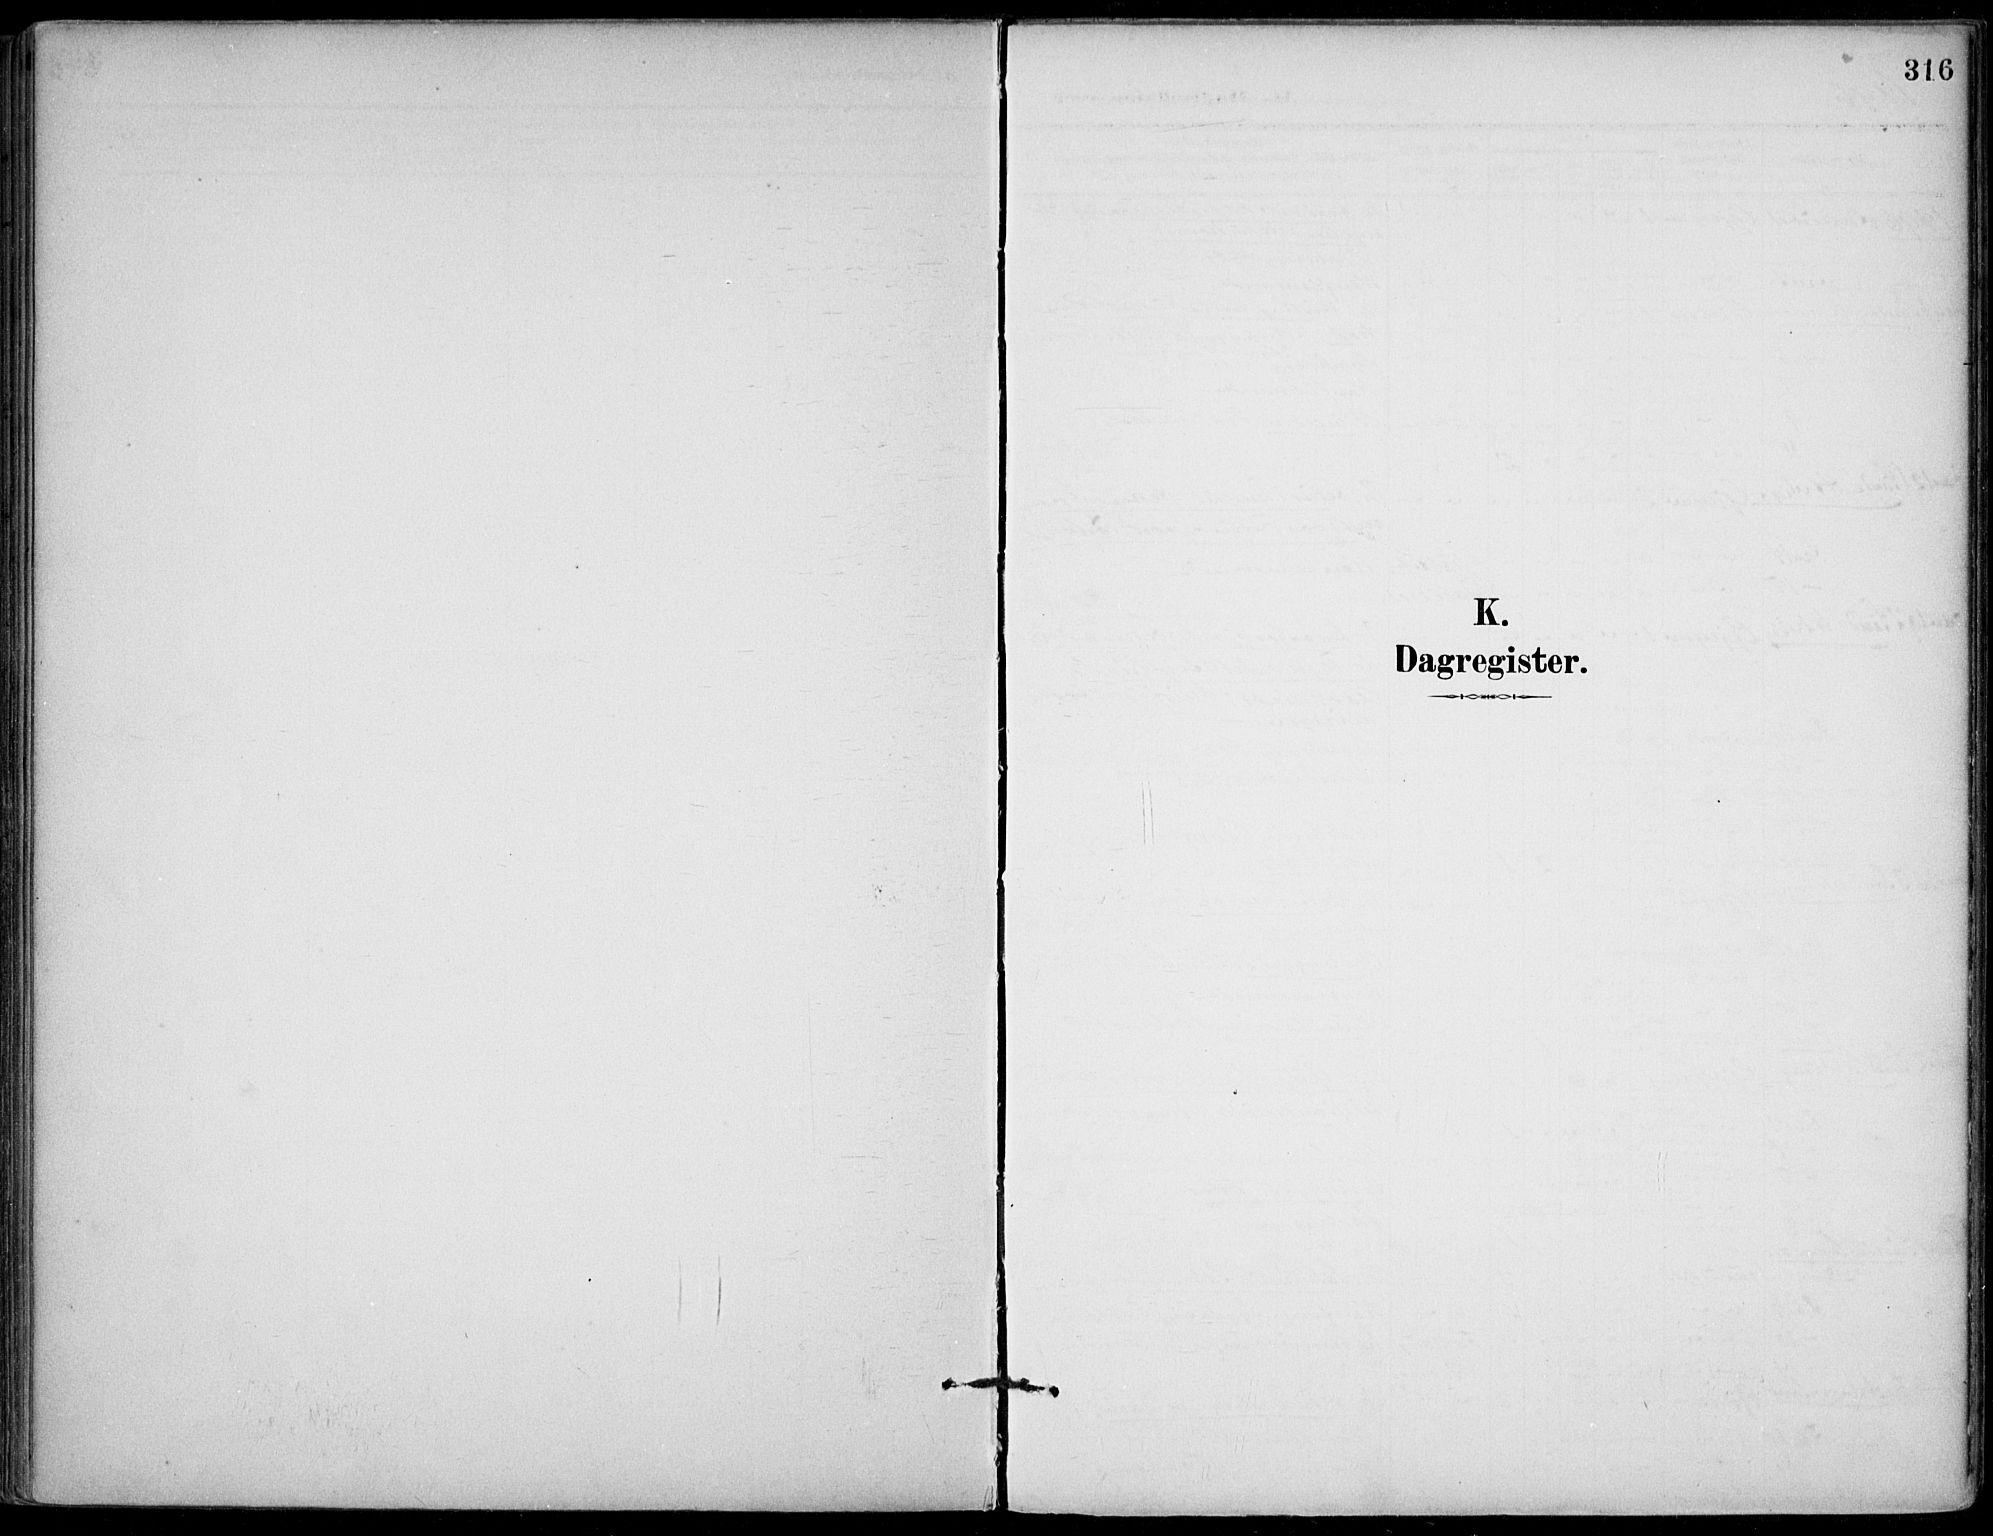 SAKO, Gjerpen kirkebøker, F/Fa/L0011: Ministerialbok nr. 11, 1896-1904, s. 316